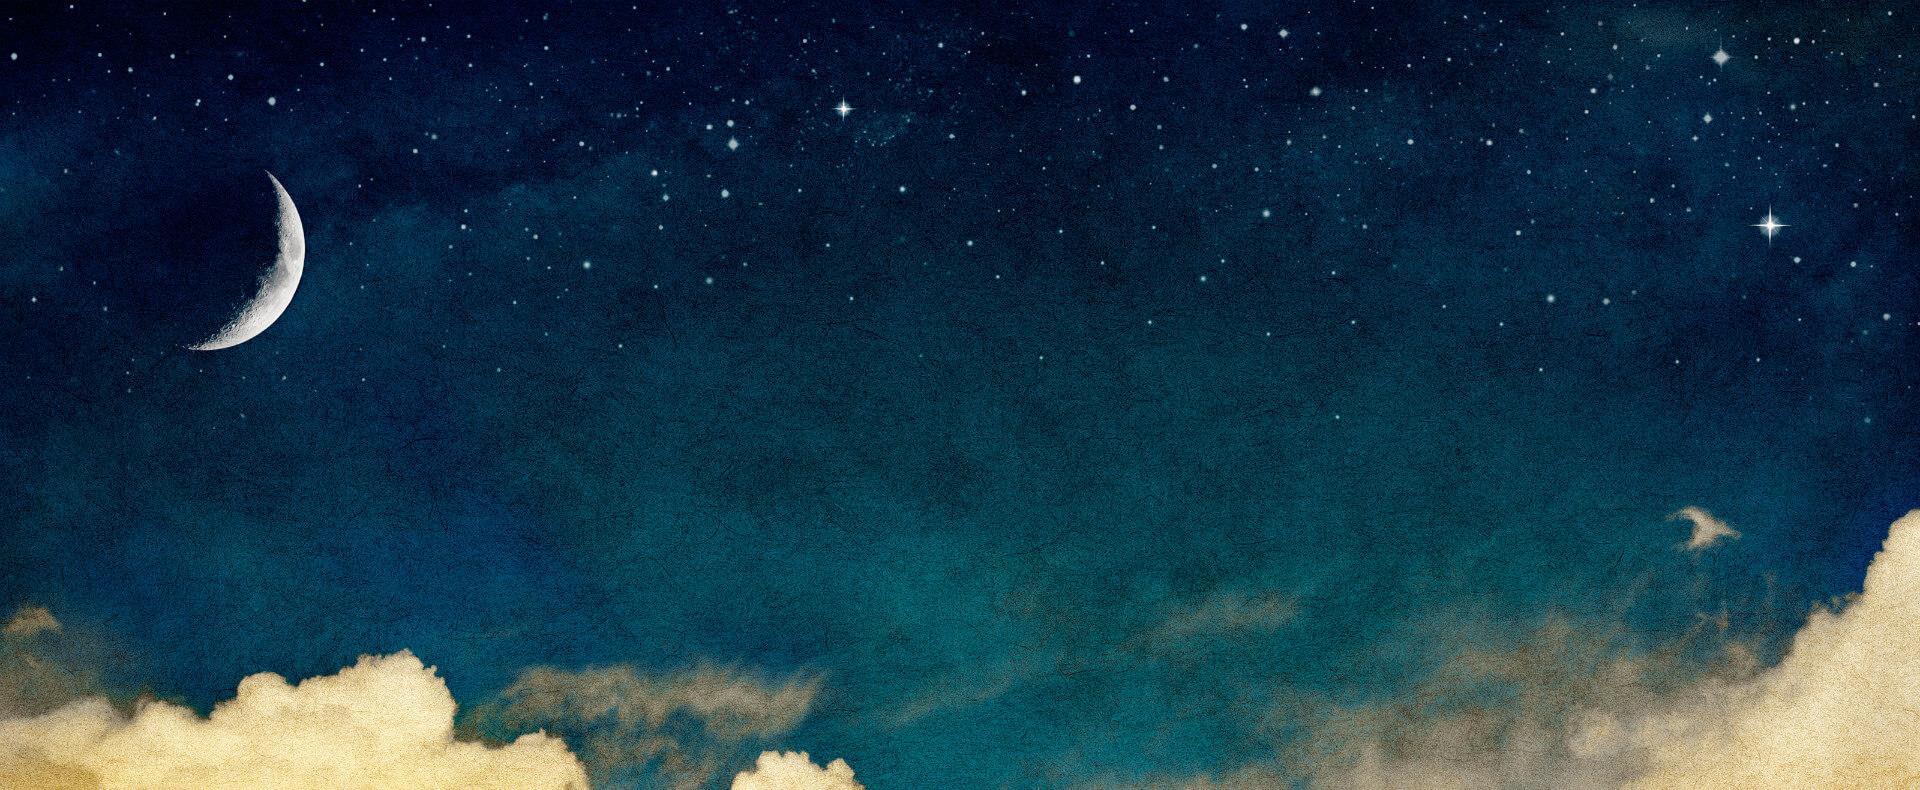 צאו וראו – מדריך לצפייה בכוכבים